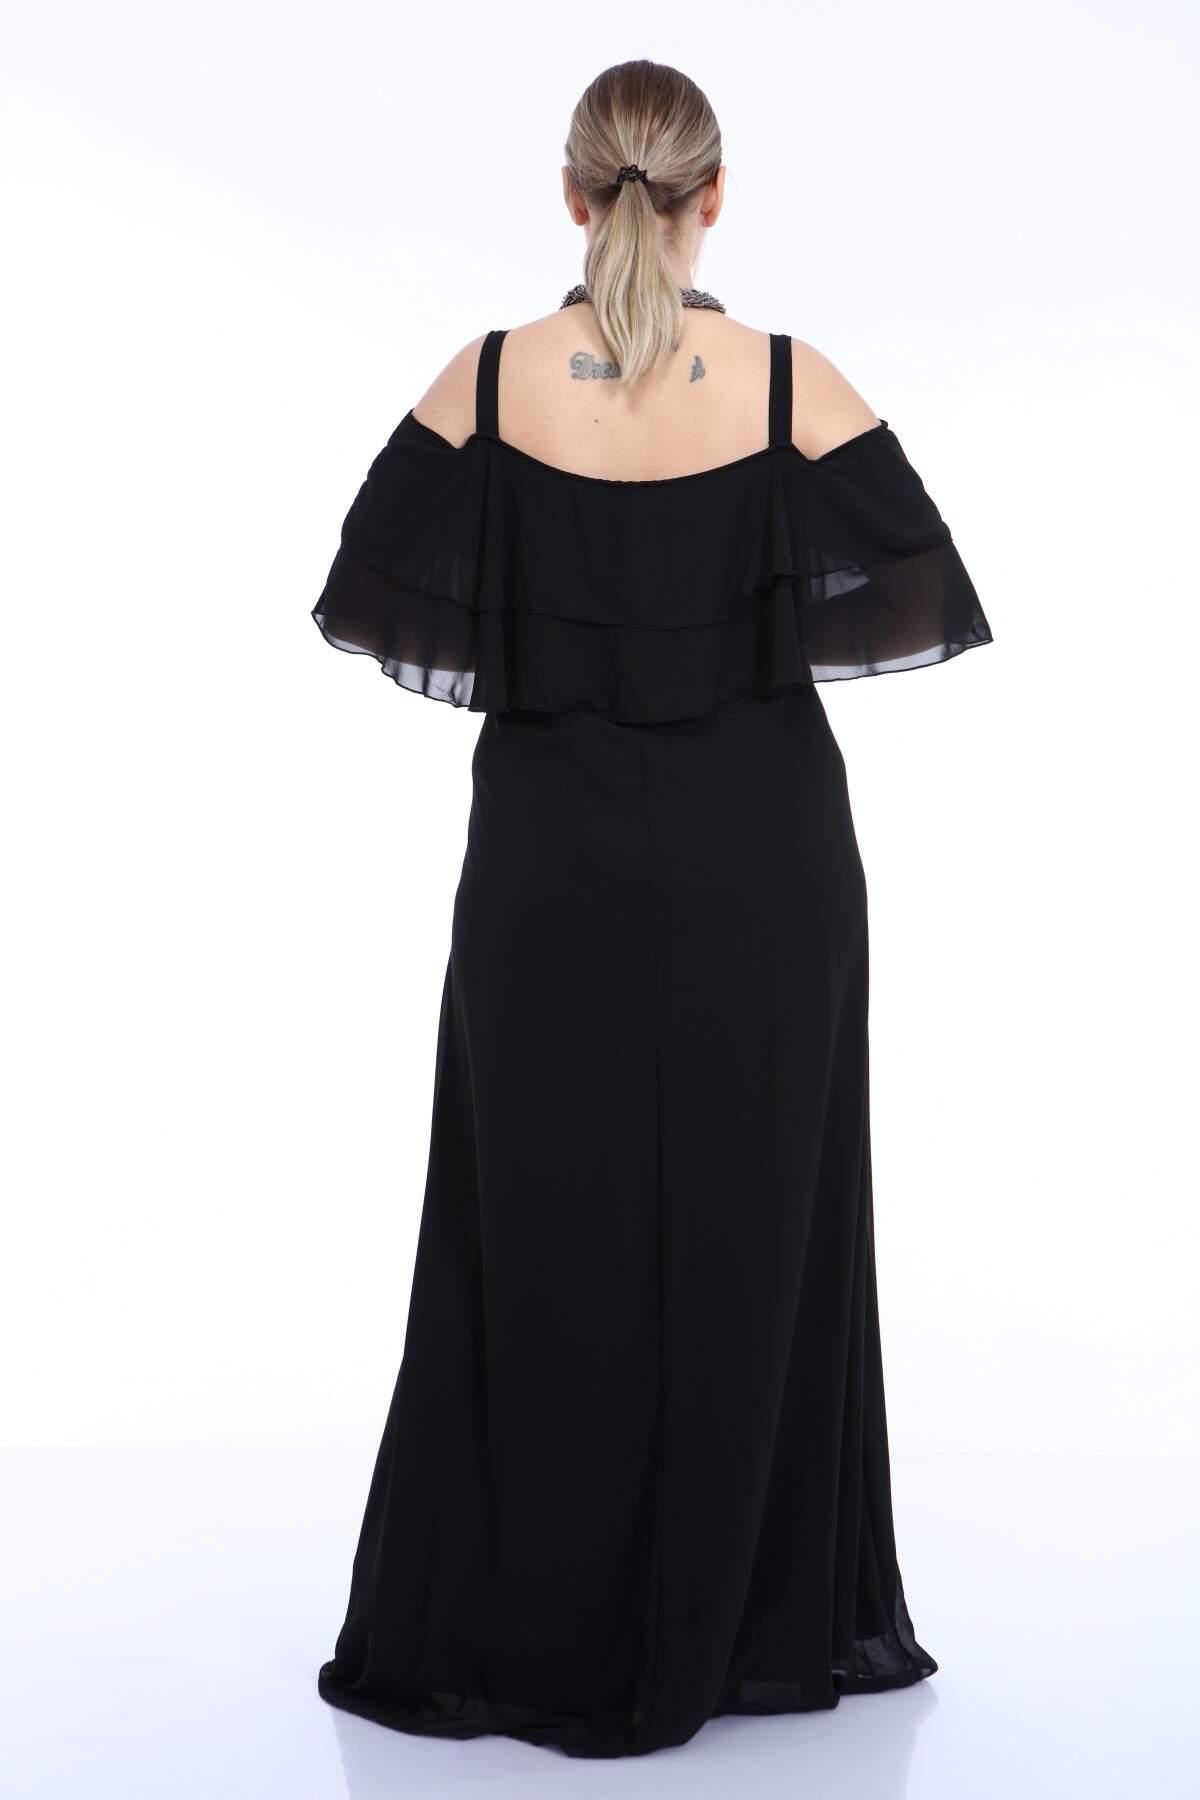 Büyük Beden Uzun Askılı Şifon İki Kat Fırfırlı Siyah Abiye Elbise 8009